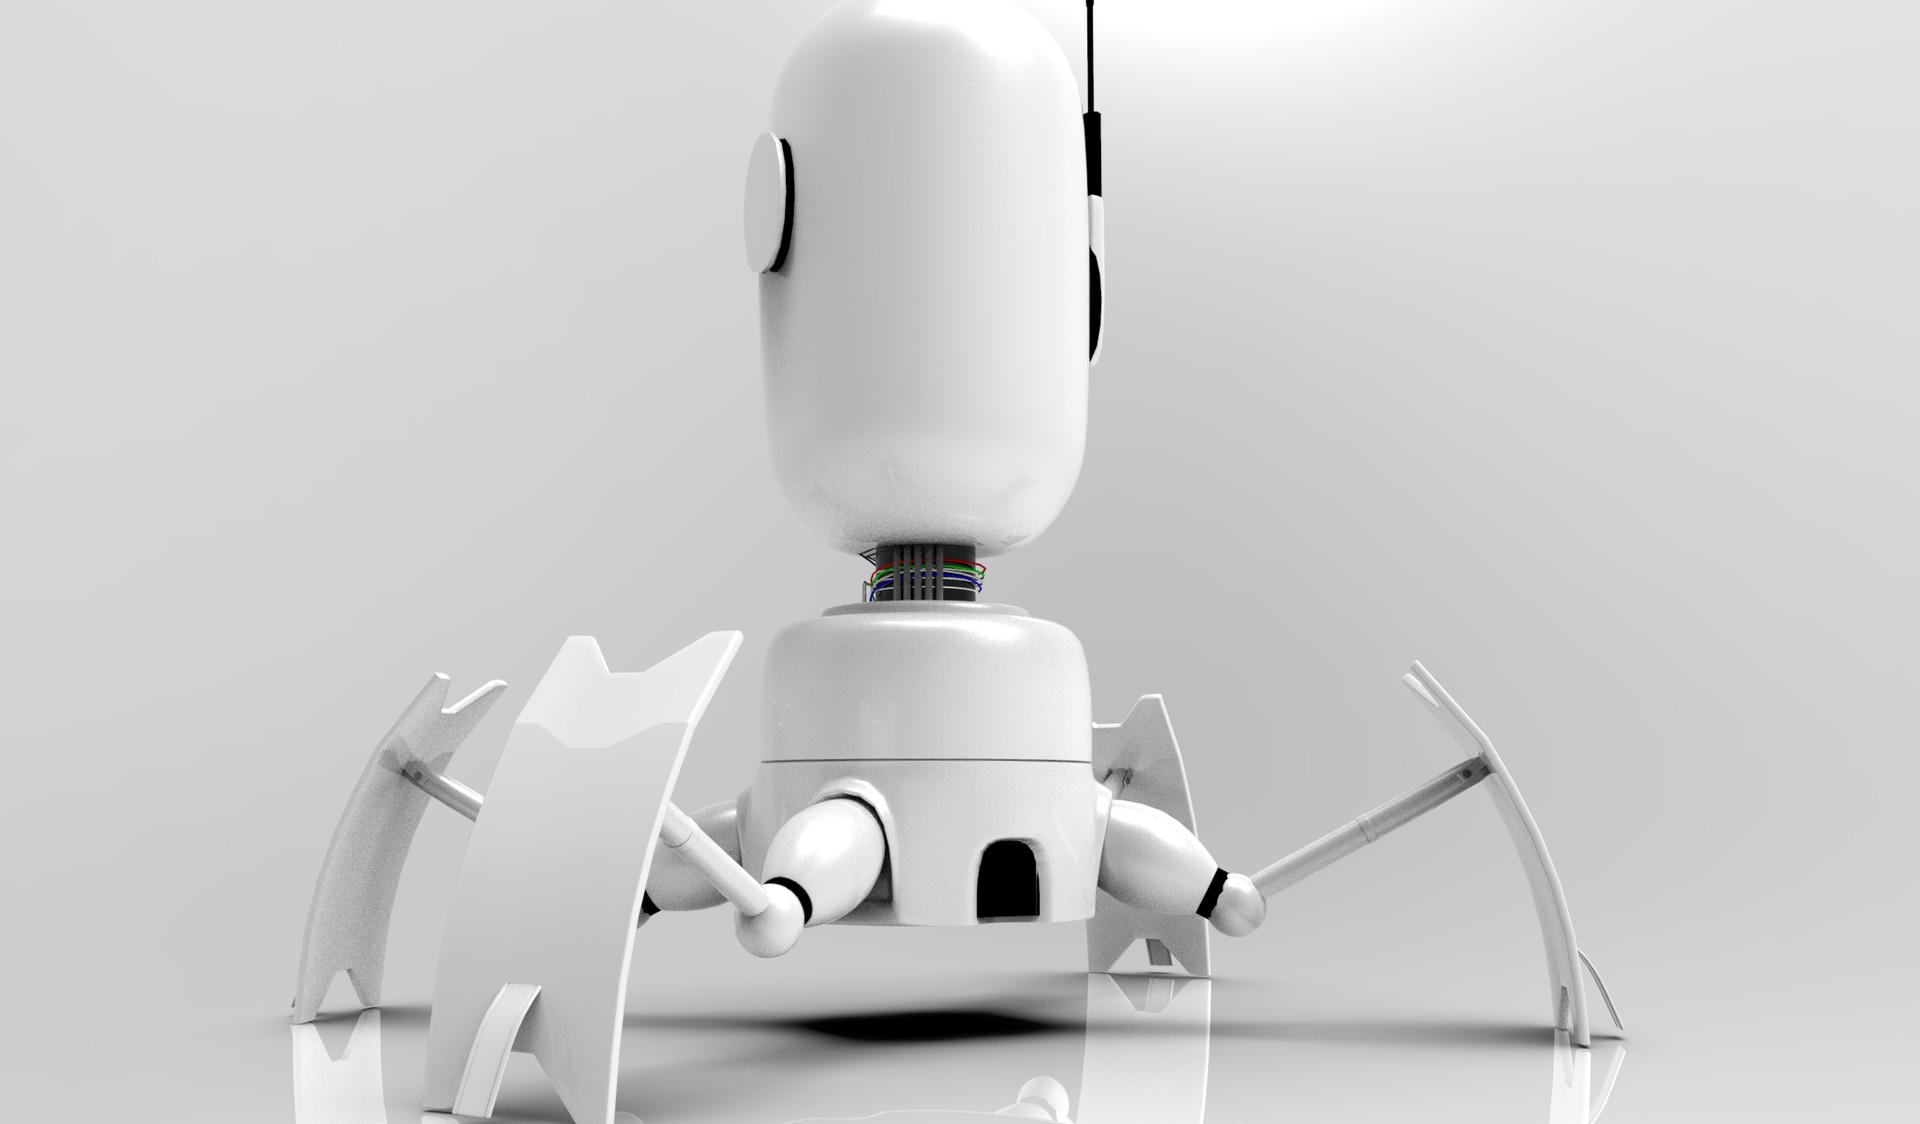 Luis valle robot render 2